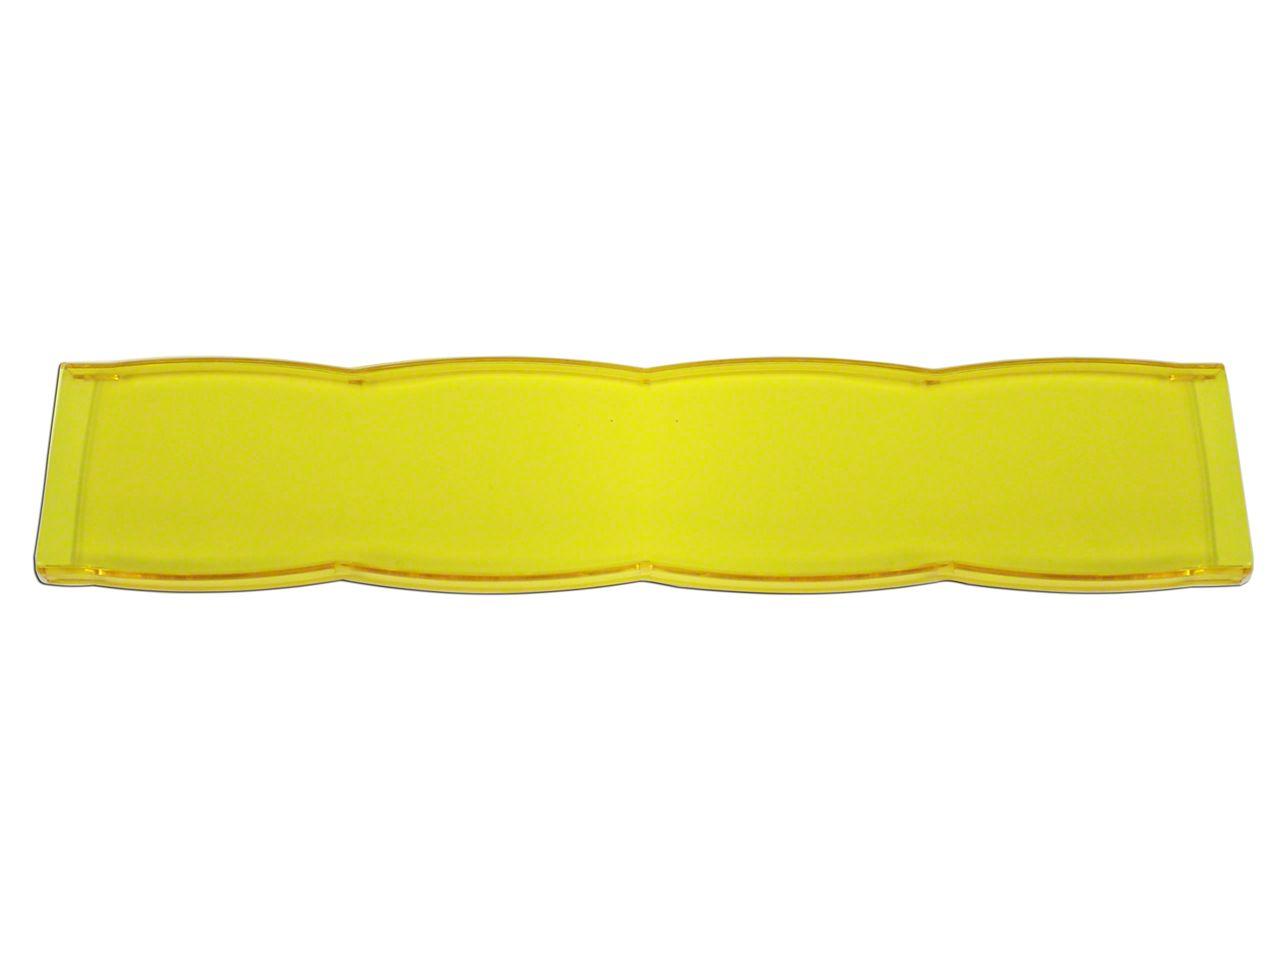 Baja Designs 10 in. S8 LED Light Bar Cover - Amber